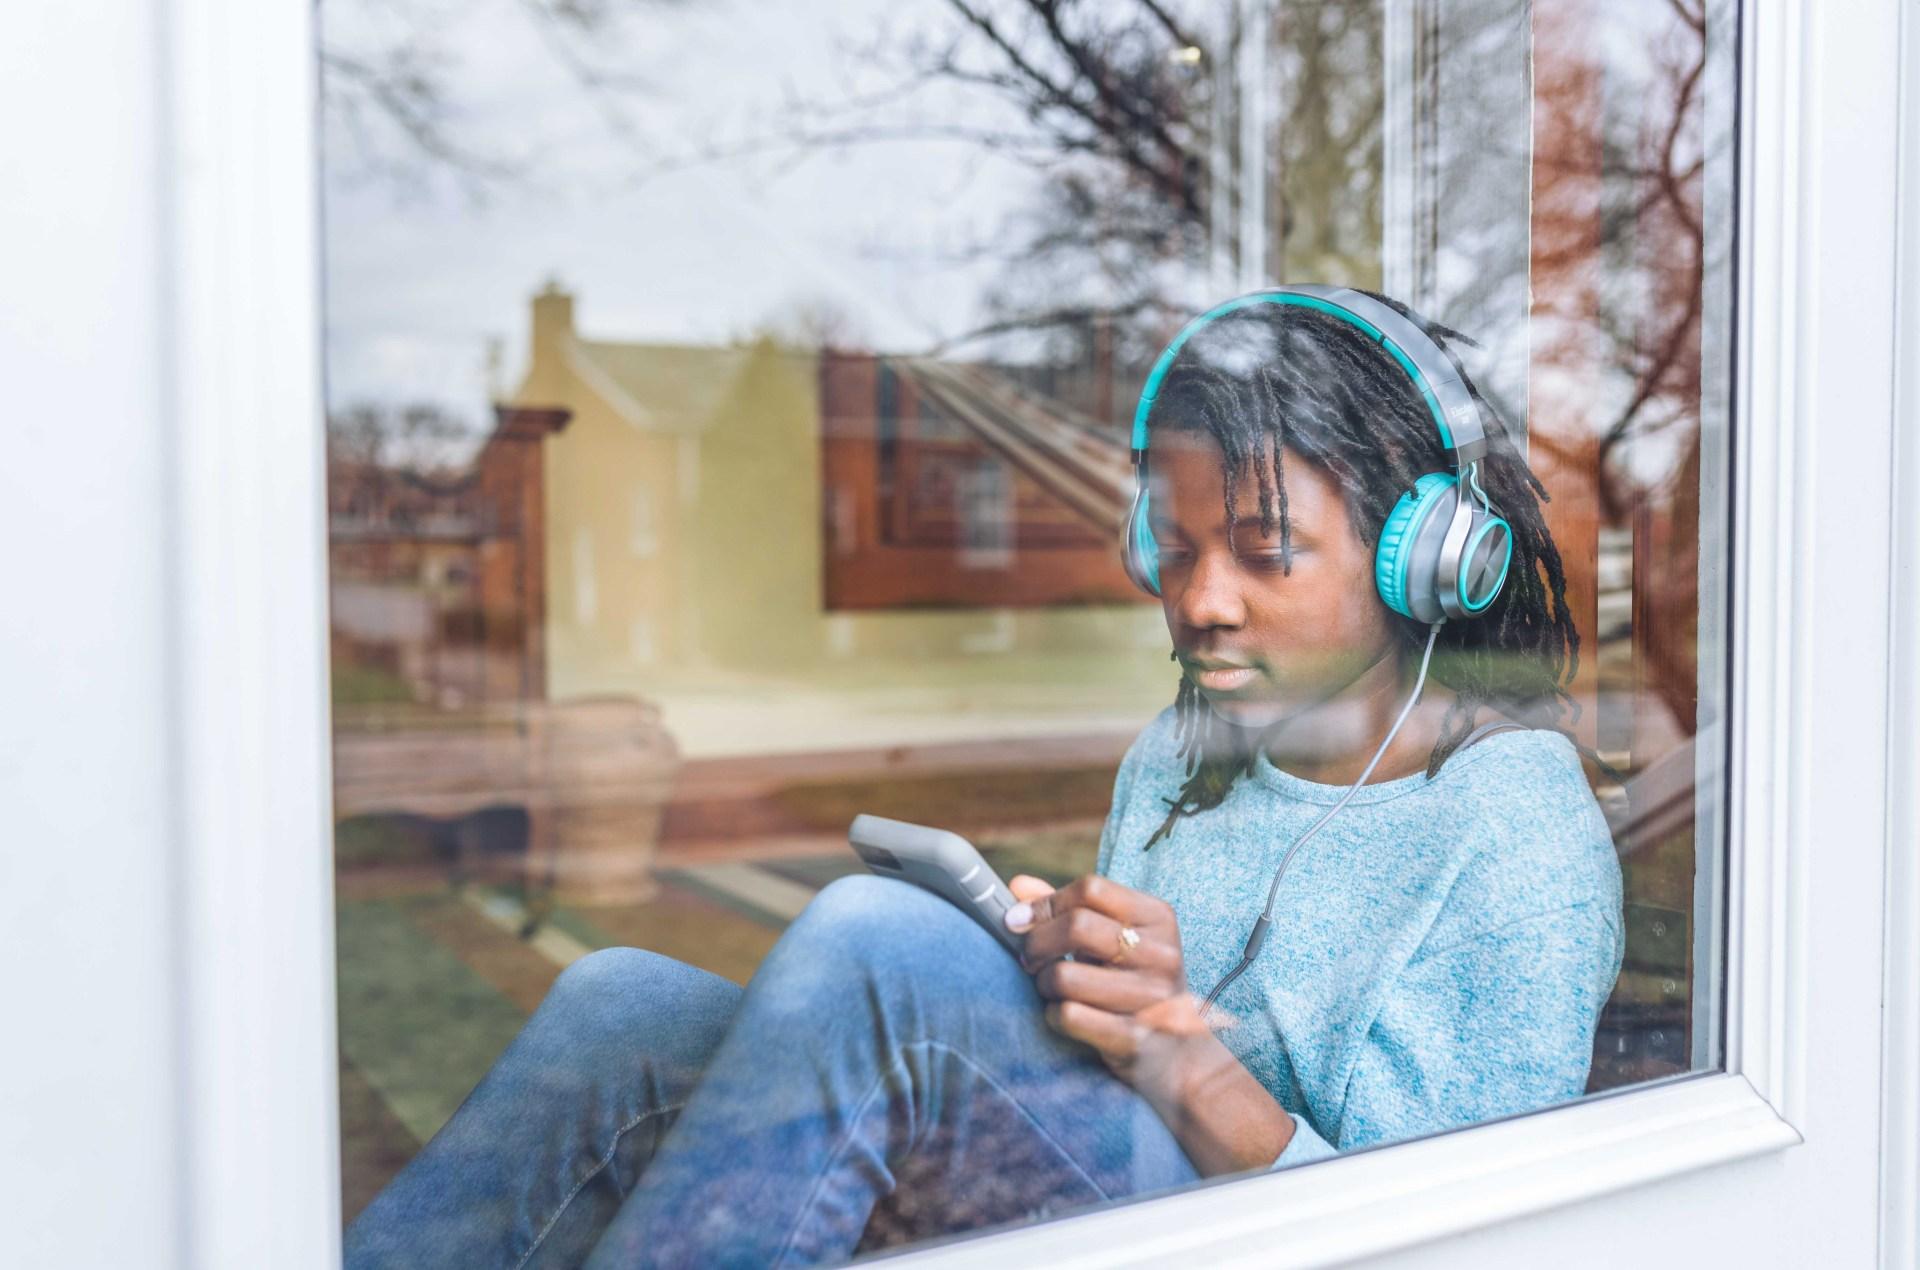 teen wearing headphones looking at phone